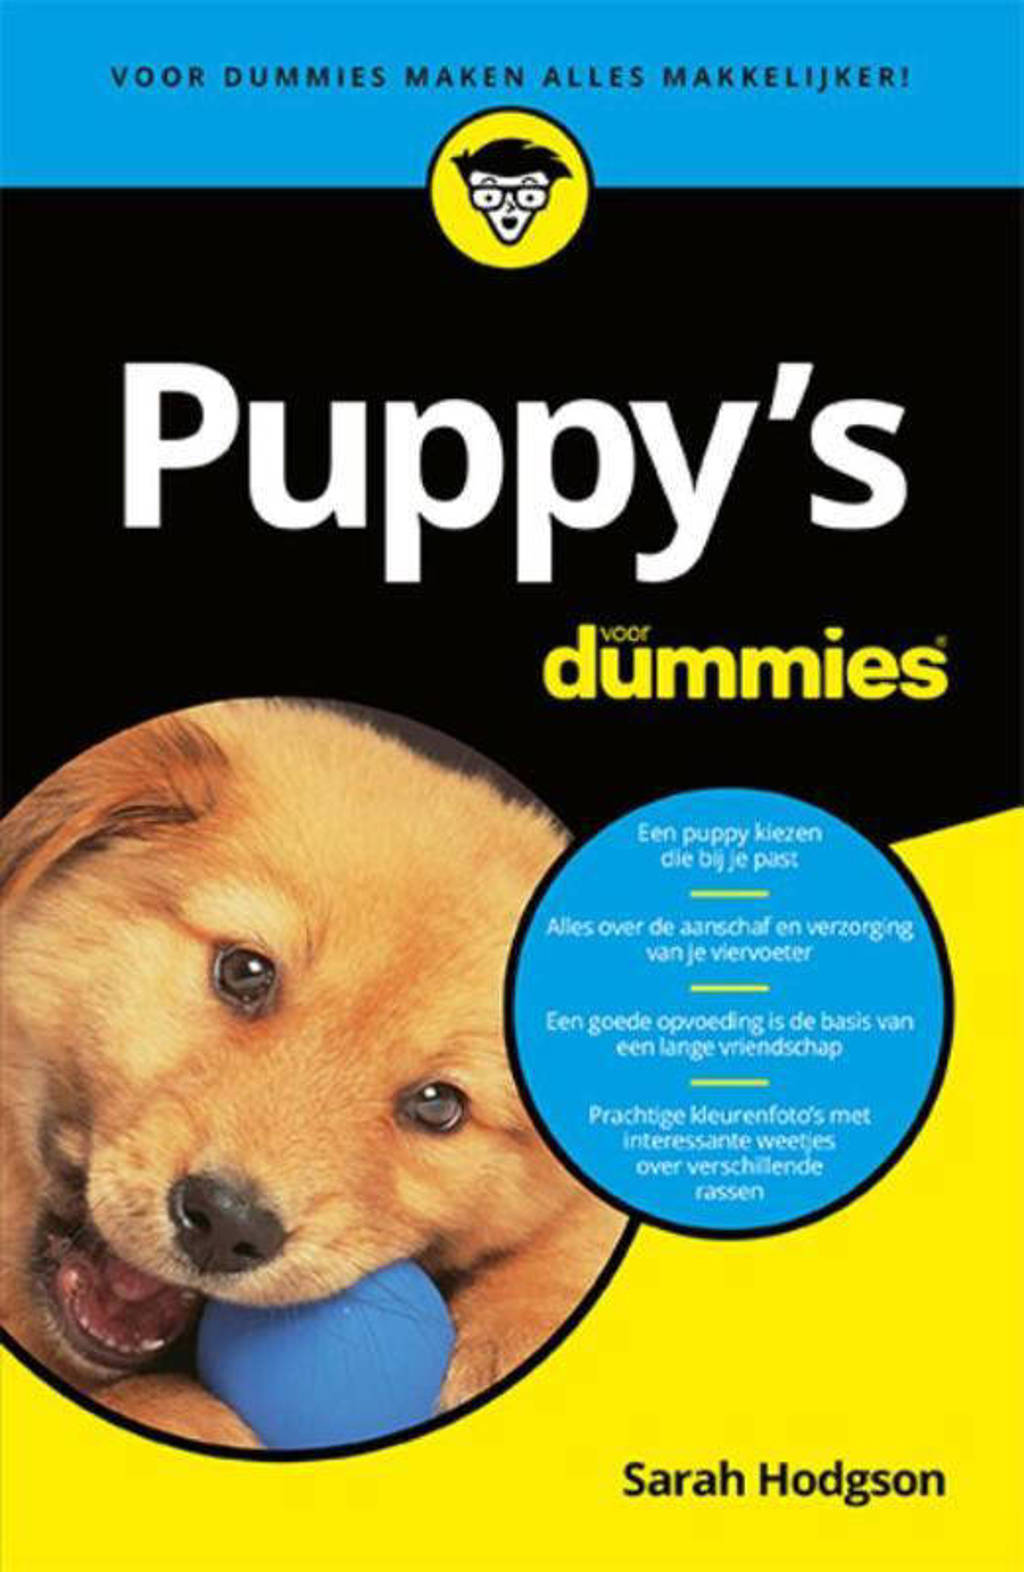 Voor Dummies: Puppy's voor Dummies - Sarah Hodgson